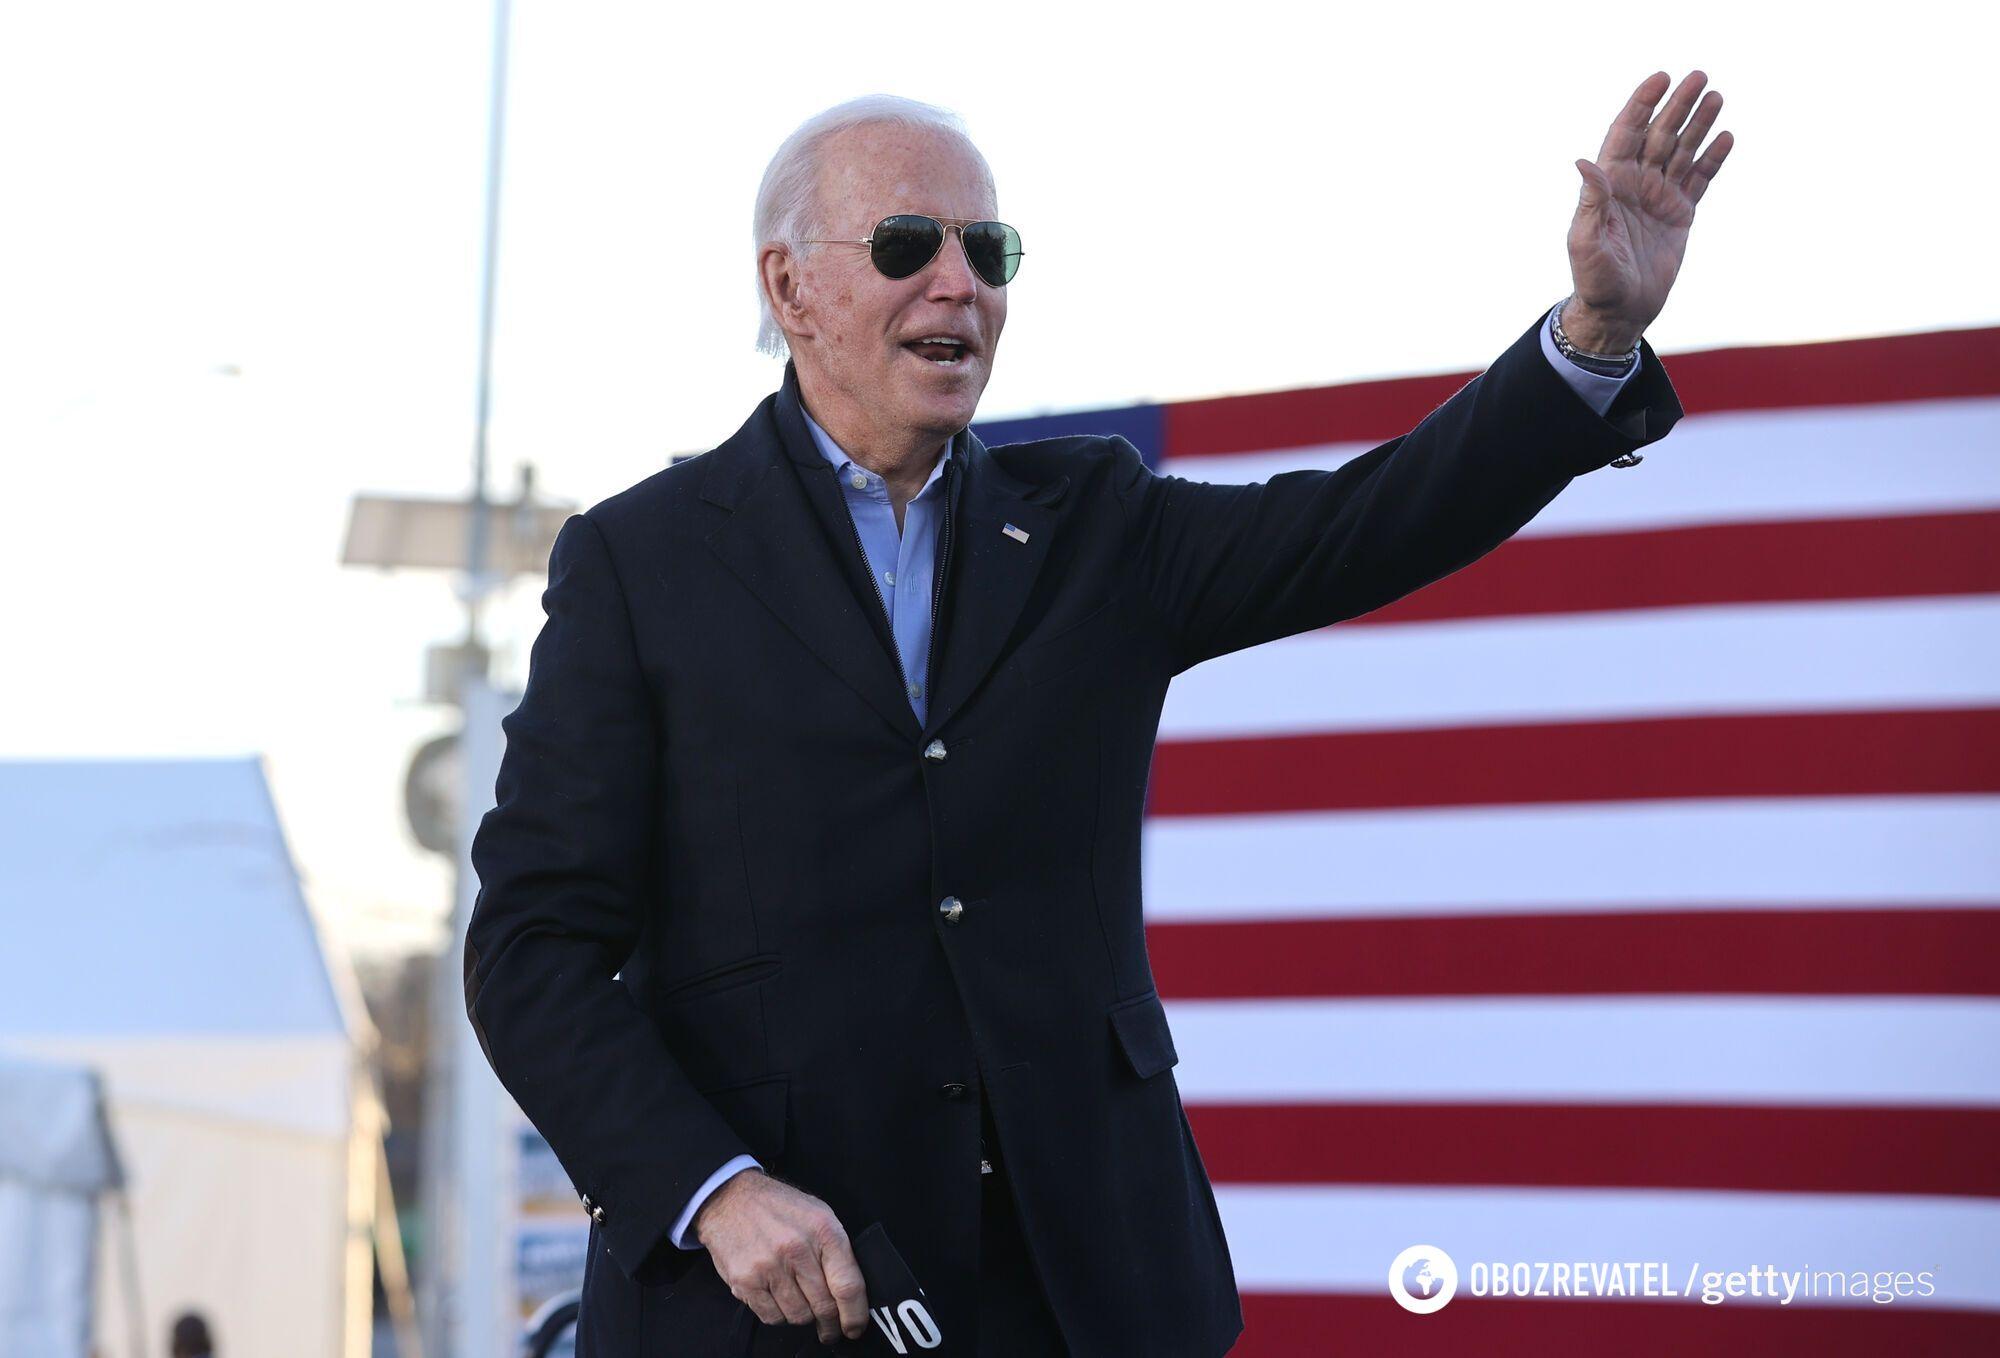 Джо Байден офіційно стане президентом США 20 січня 2021 року